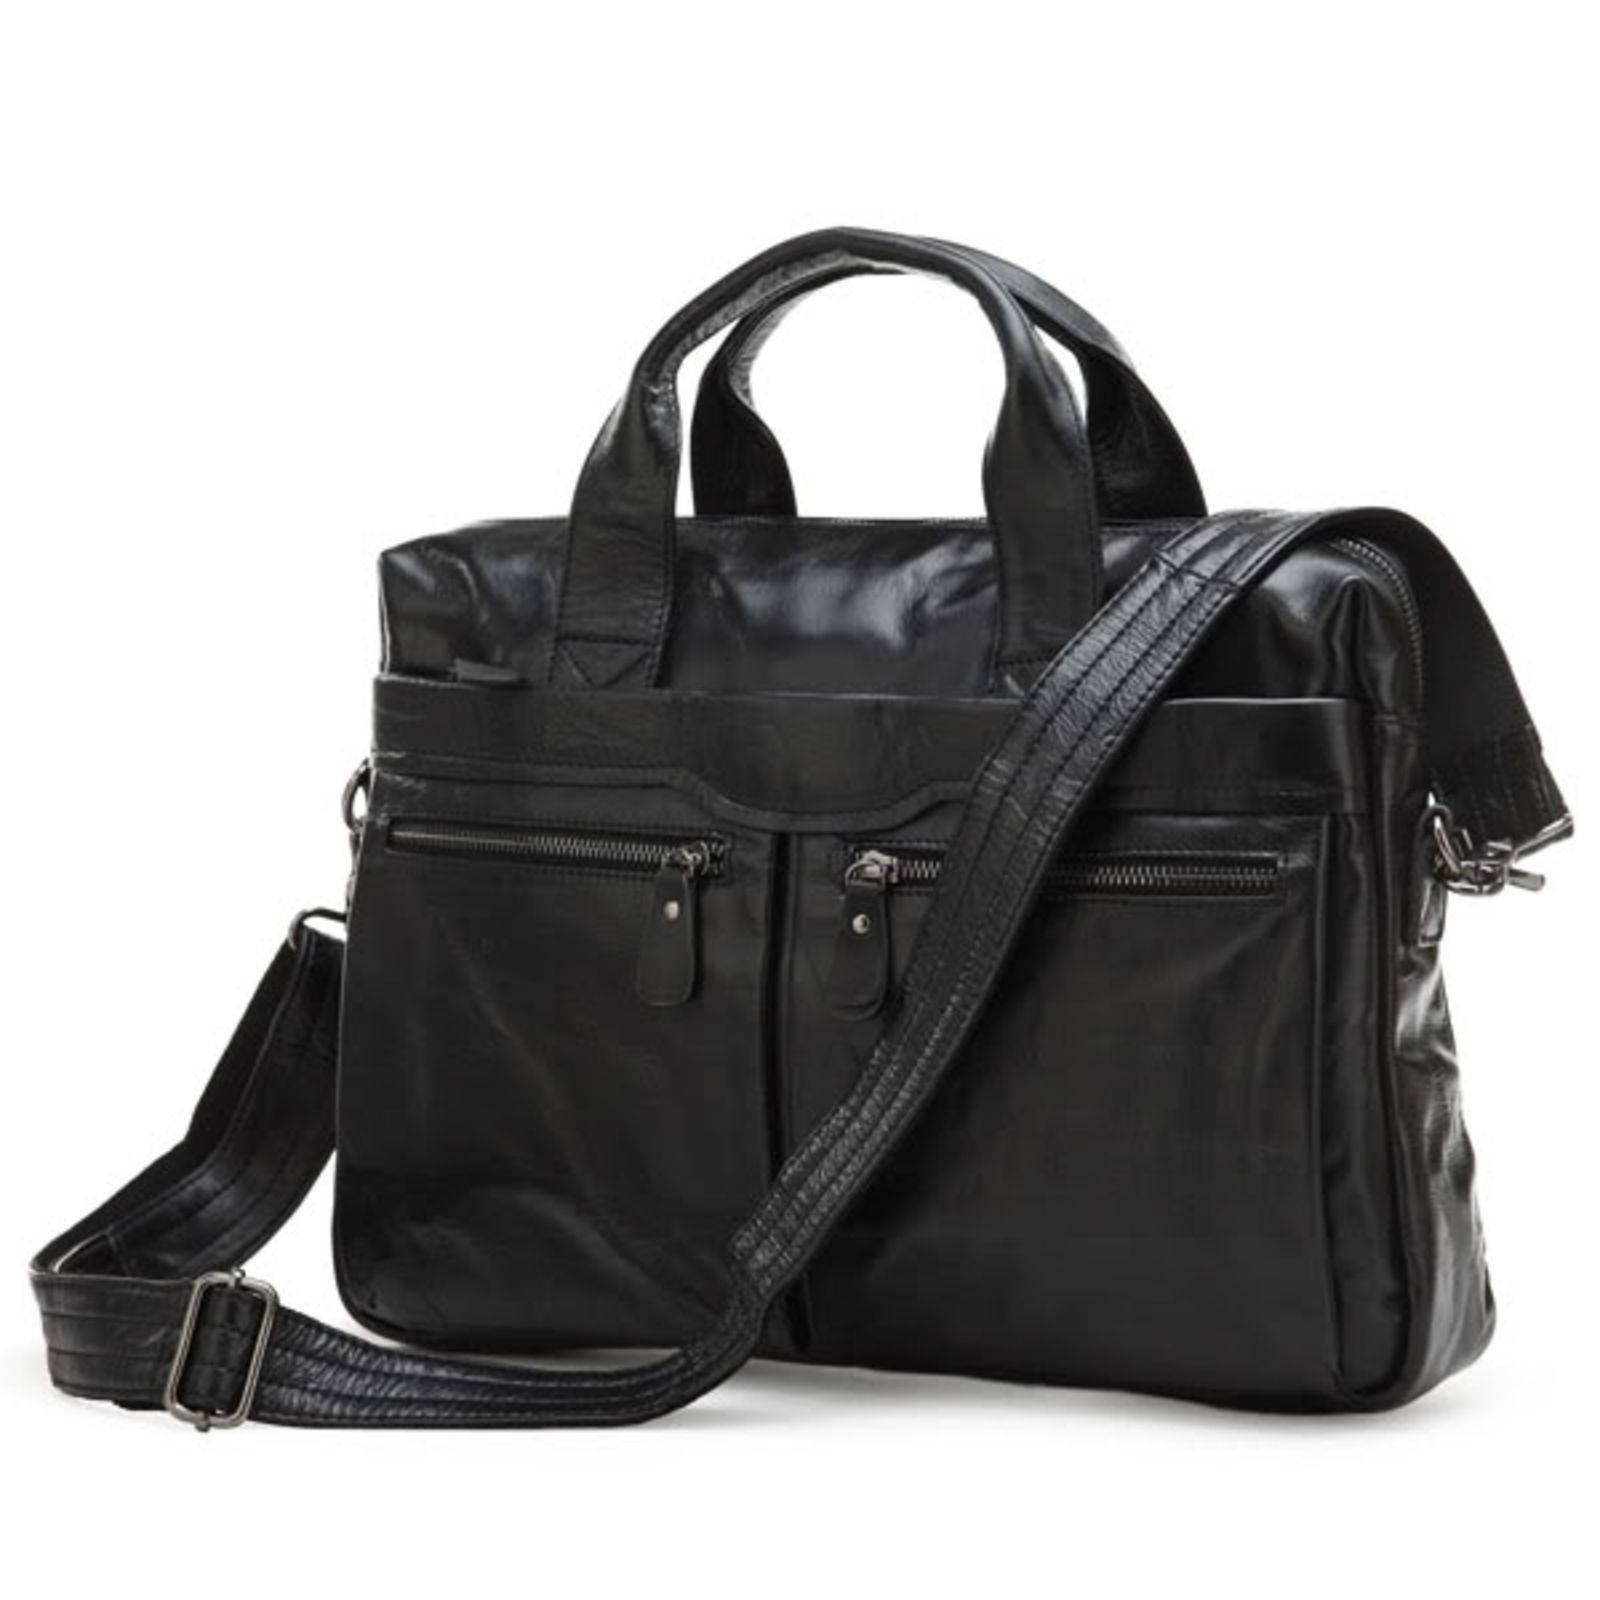 Delton Bags Sacoche pour ordinateur en cuir noir